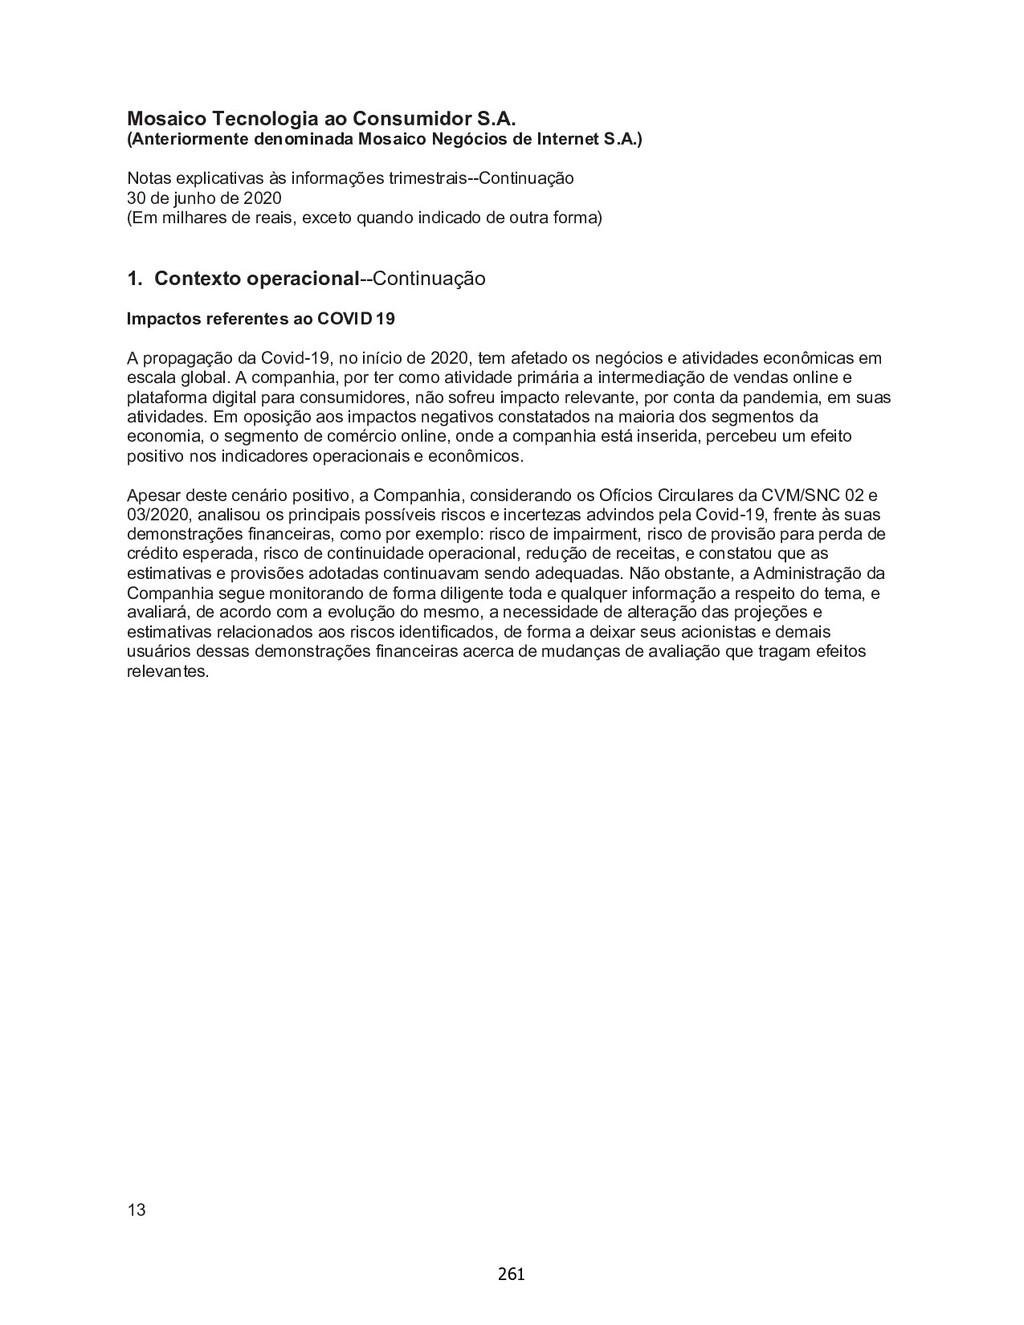 Mosaico Tecnologia ao Consumidor S.A. (Anterior...